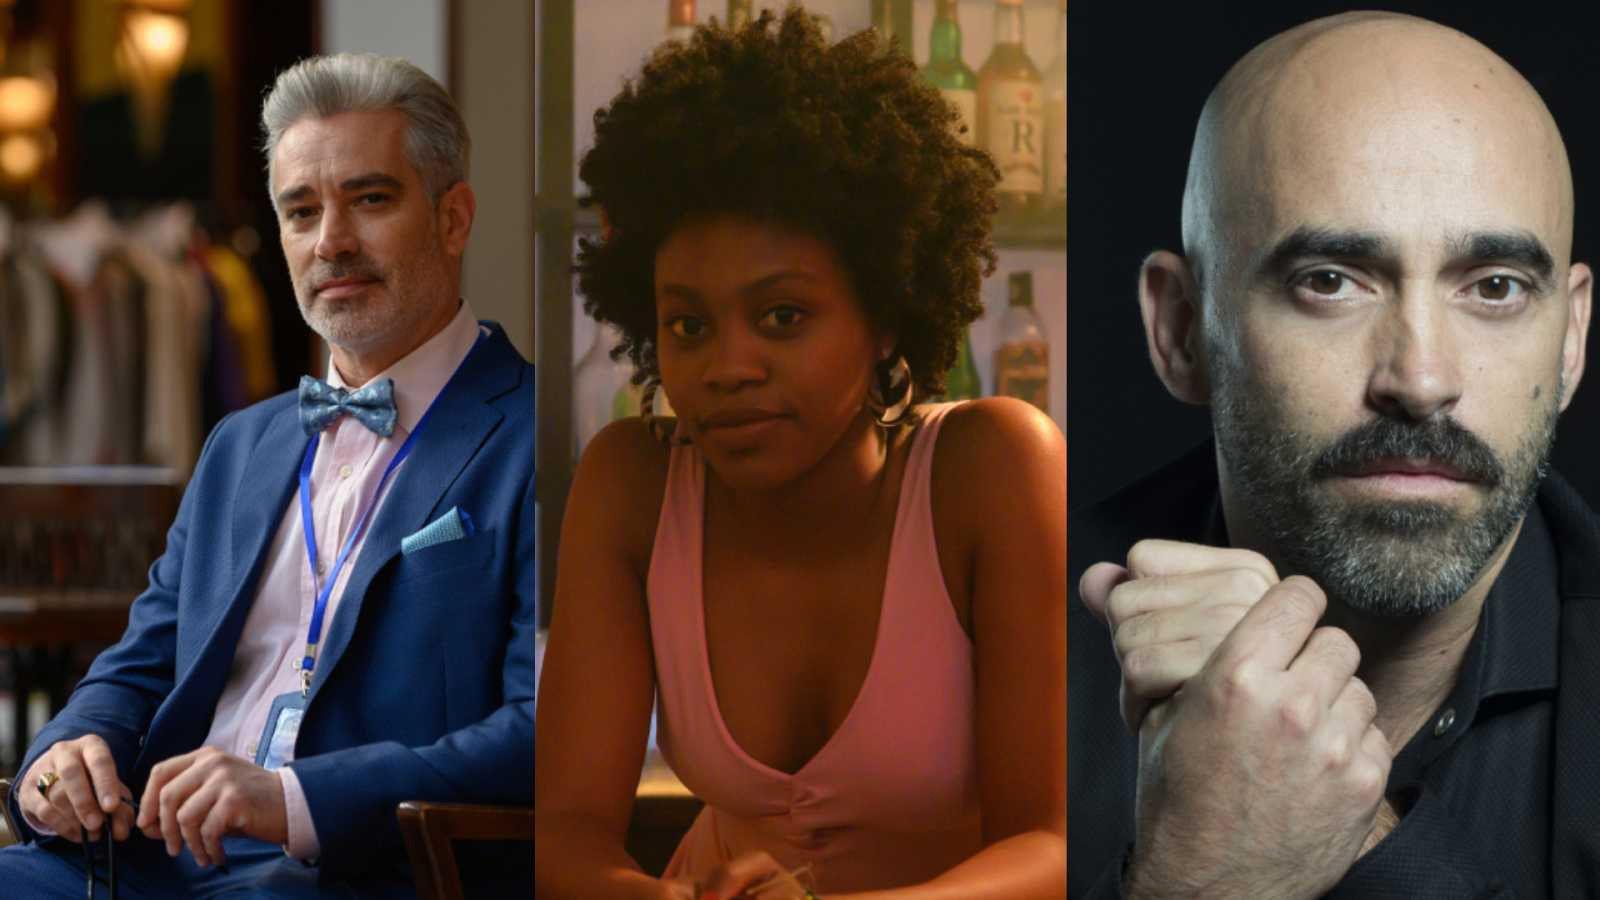 'Cuéntame cómo pasó': Adrià Collado, Chani Martín y Betiza Bismarck, nuevos fichajes de la serie